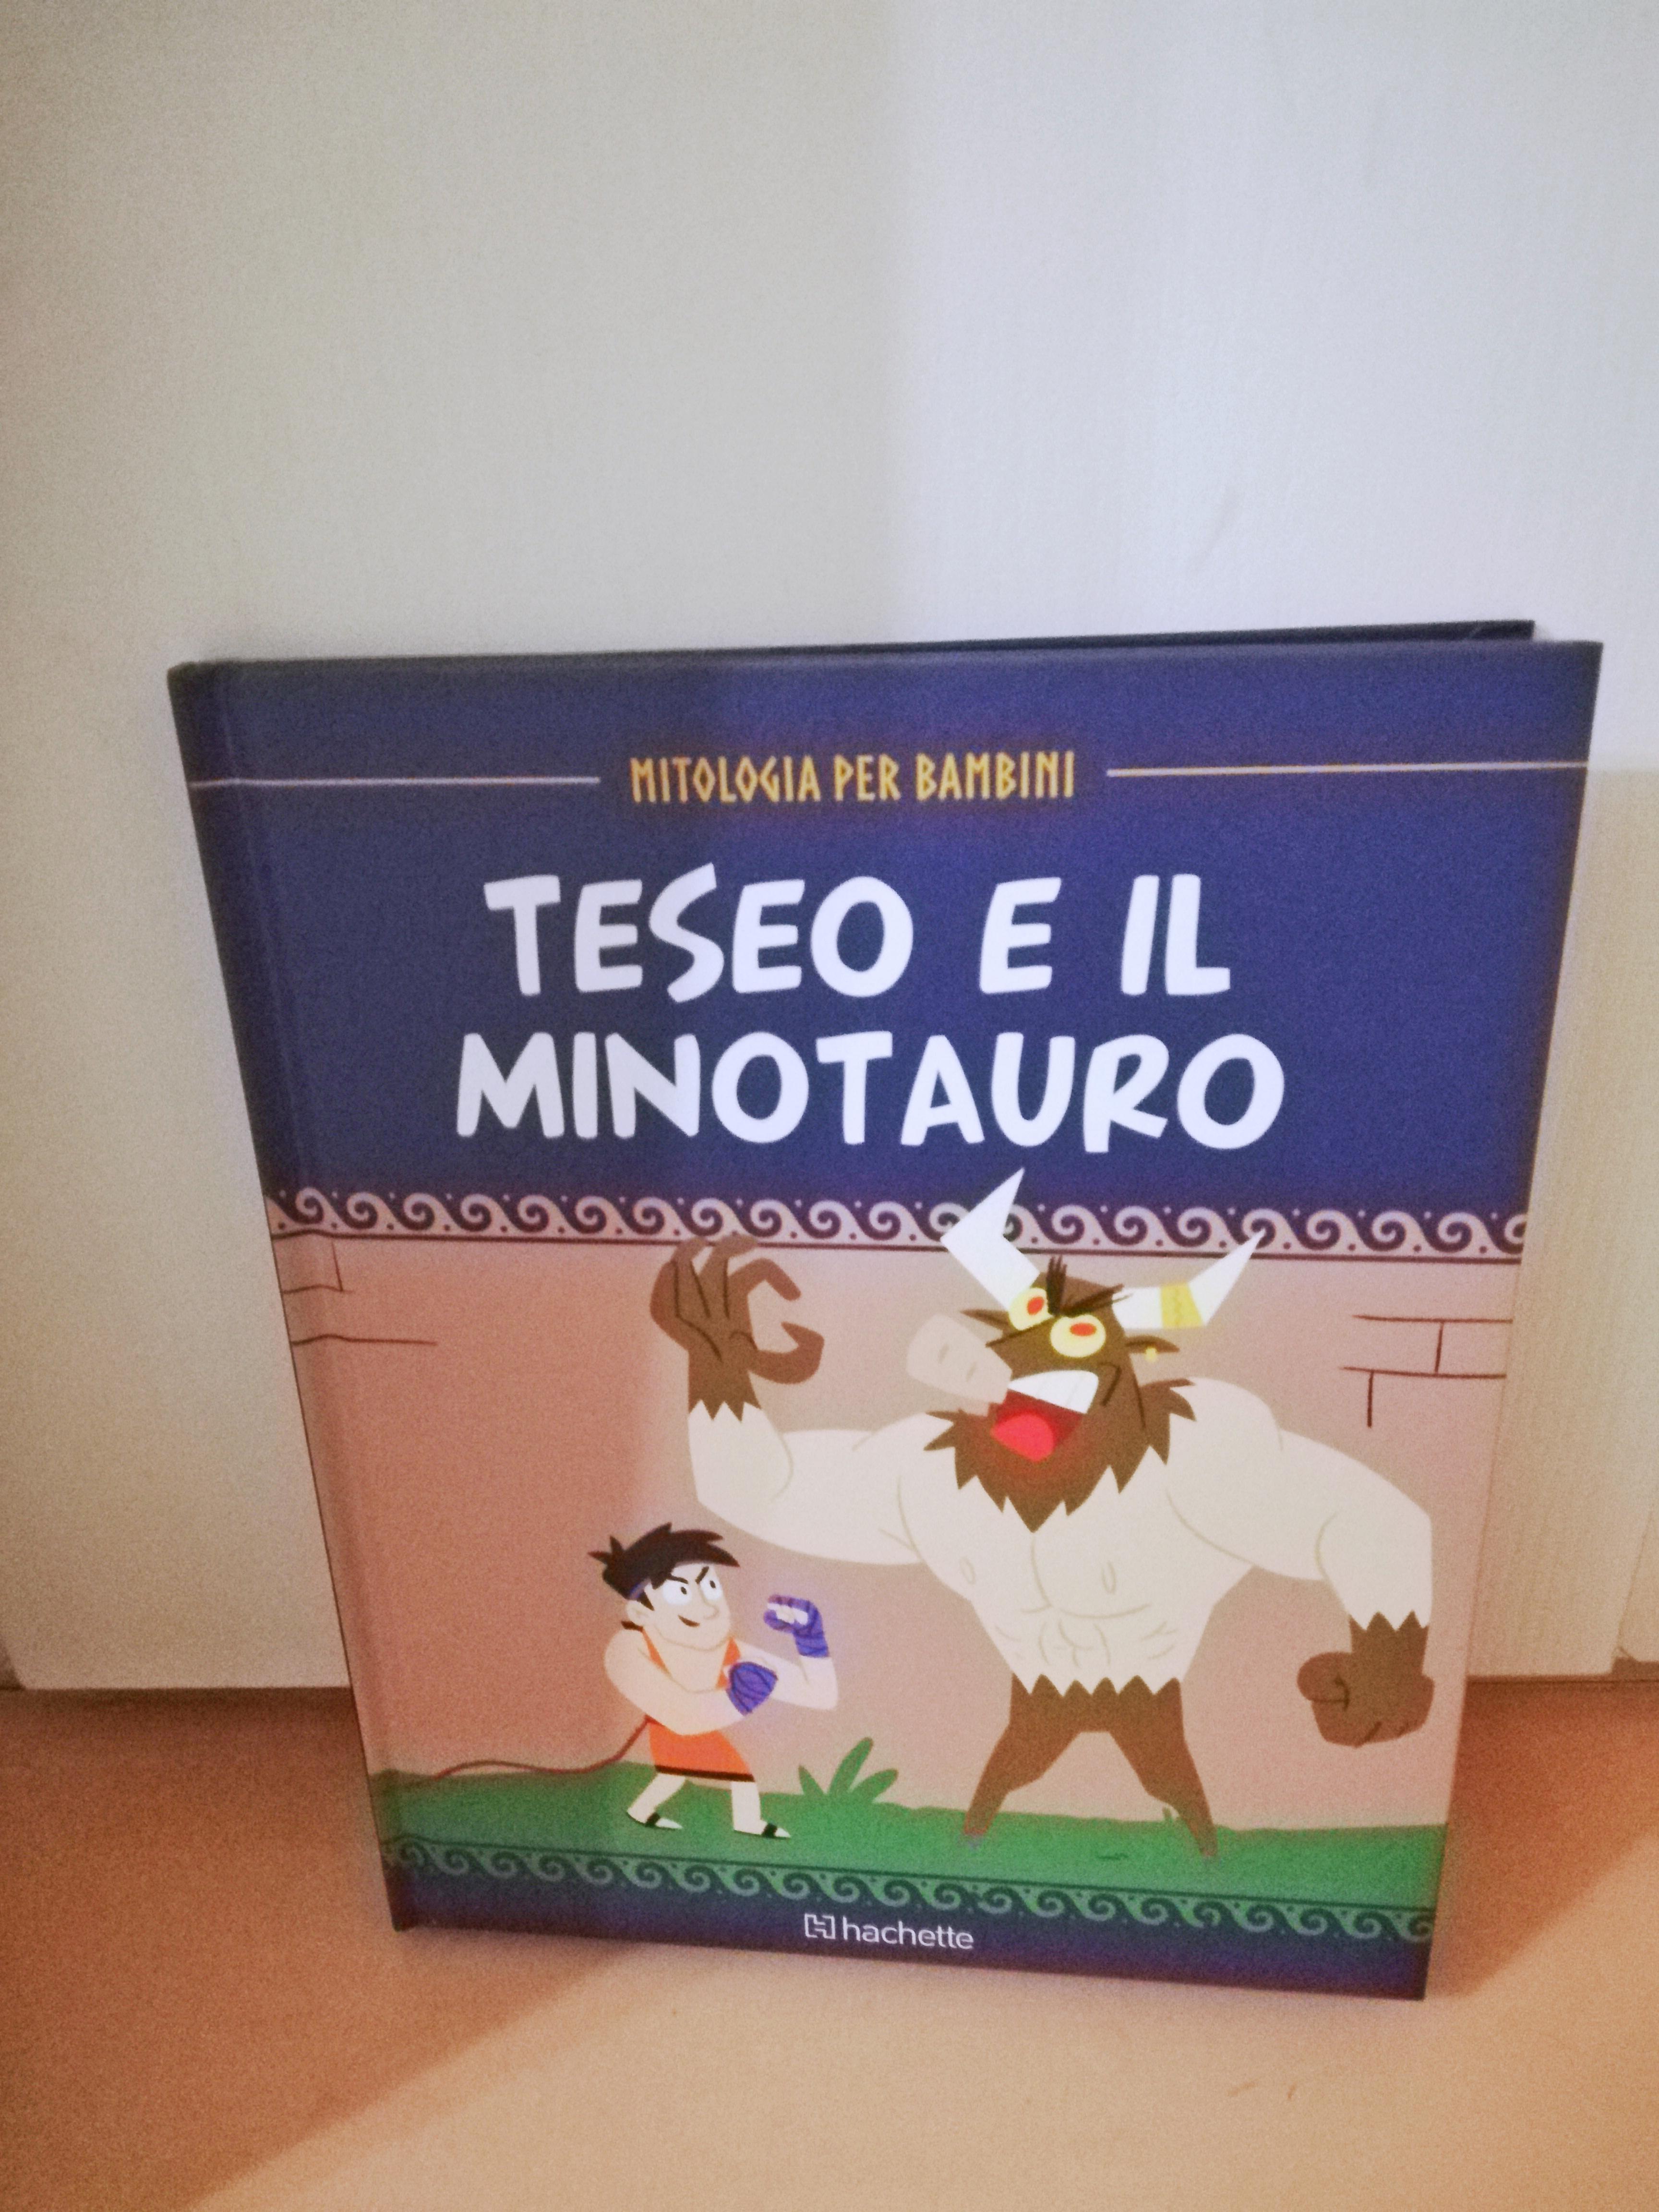 Mitologia per bambini